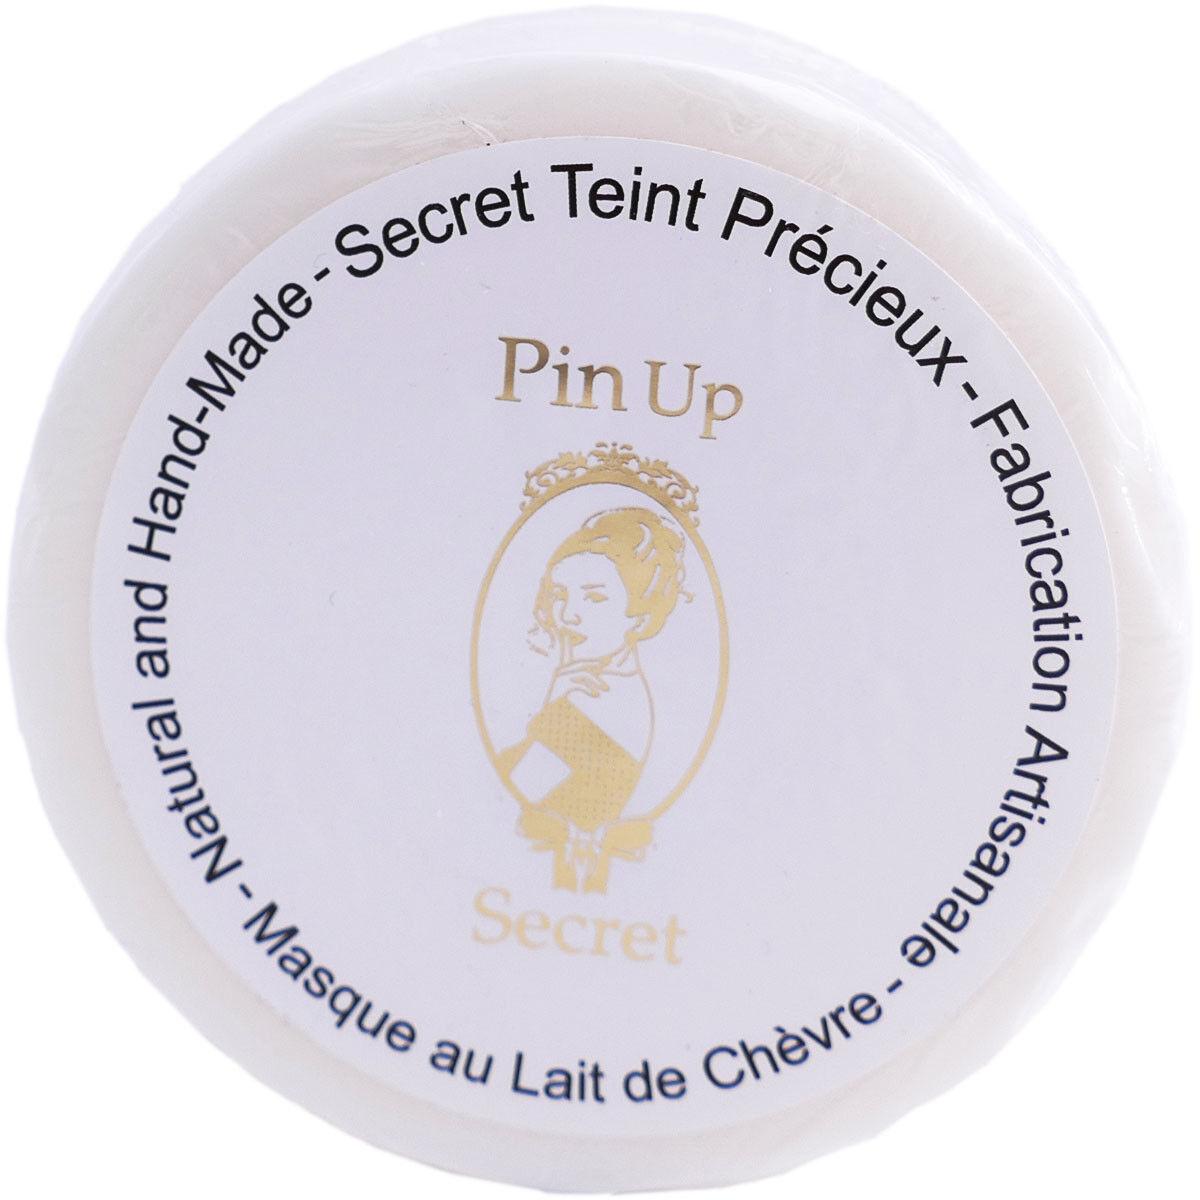 Pin up secret teint precieux masque lait de chevre 110g